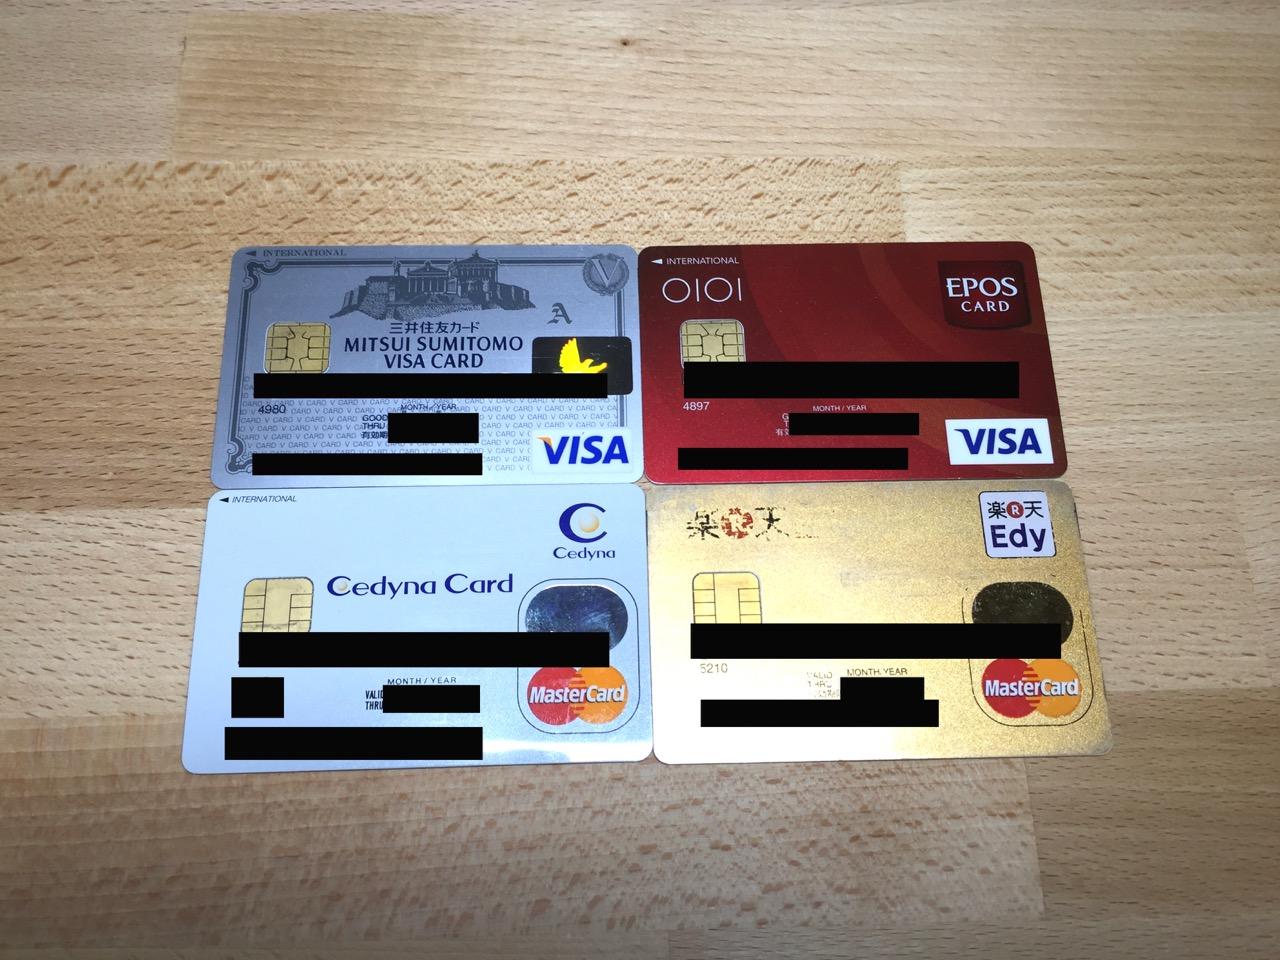 僕が利用しているクレジットカード4枚